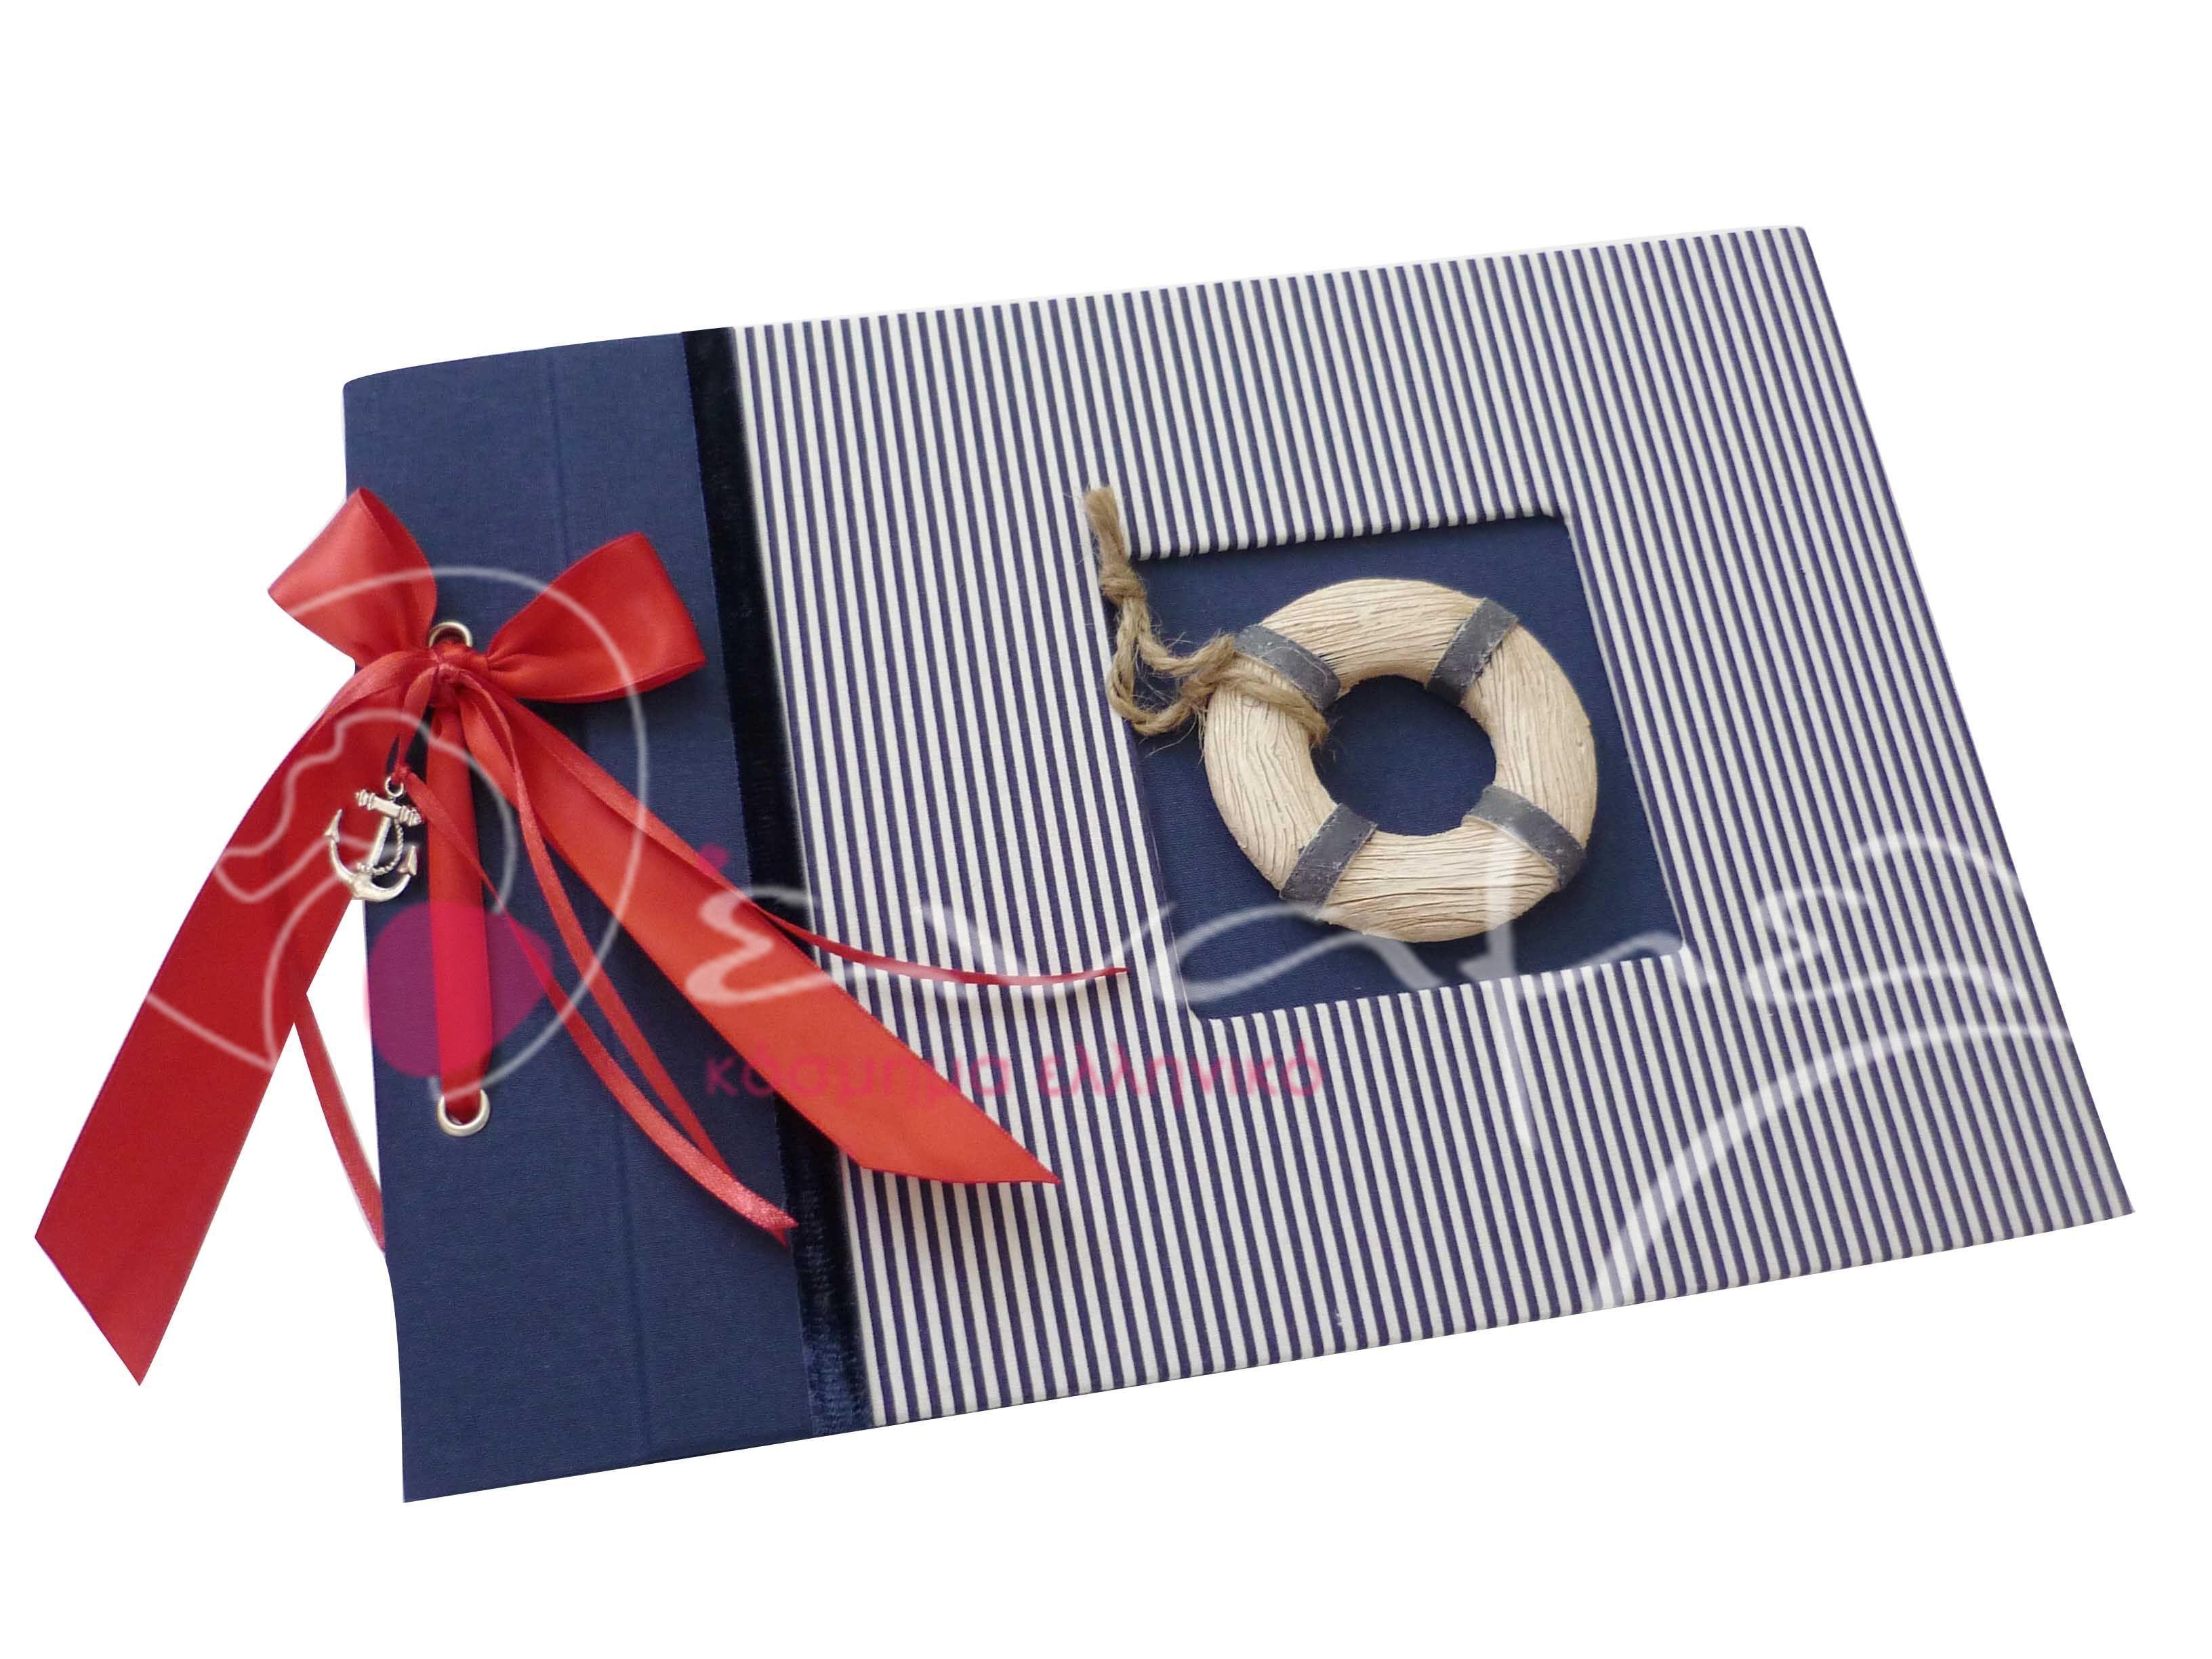 Χειροποίητο βιβλίο ευχών με θαλασσινό θέμα Δείτε περισσότερα εδώ http://www.enamel.gr/xeiropoihto-vivlio-eyxon-thalassino-naytiko-thema